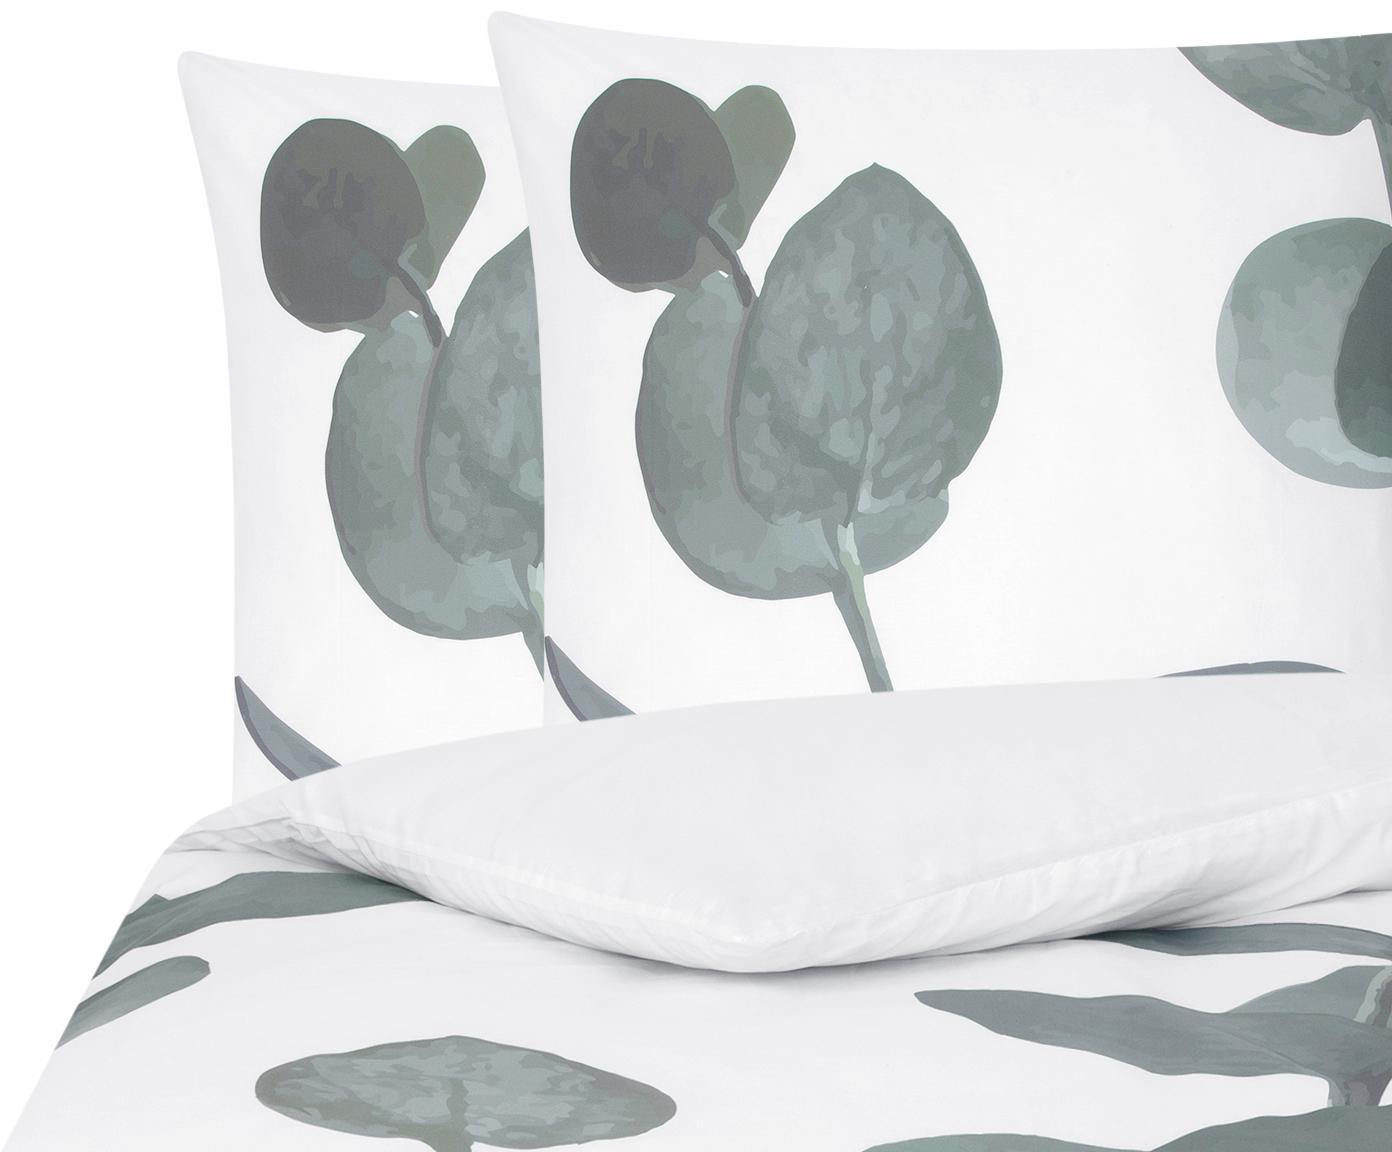 Baumwollperkal-Bettwäsche Eukalyptus mit Blattmotiv, Webart: Perkal Fadendichte 180 TC, Grün, Cremeweiß, 200 x 200 cm + 2 Kissen 80 x 80 cm